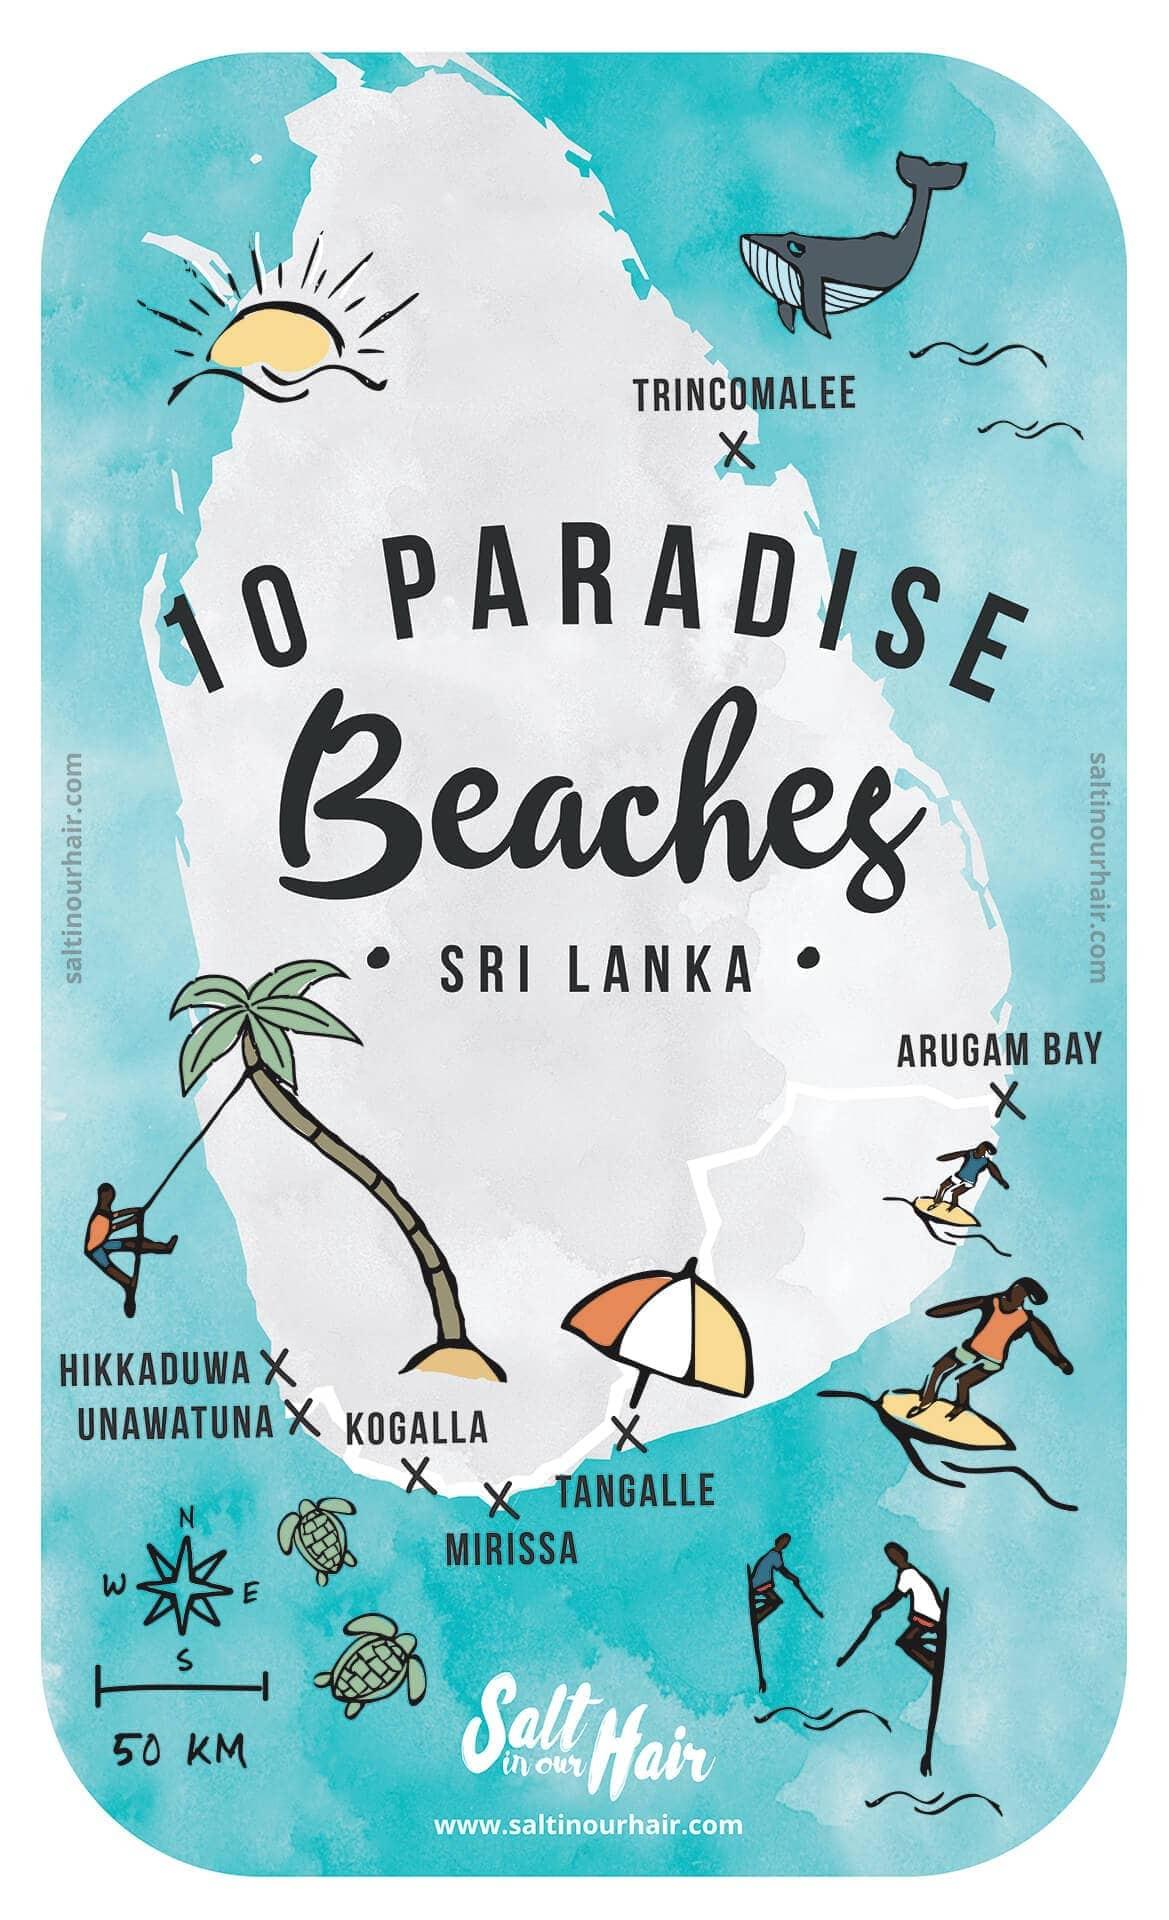 Sri lanka beaches map